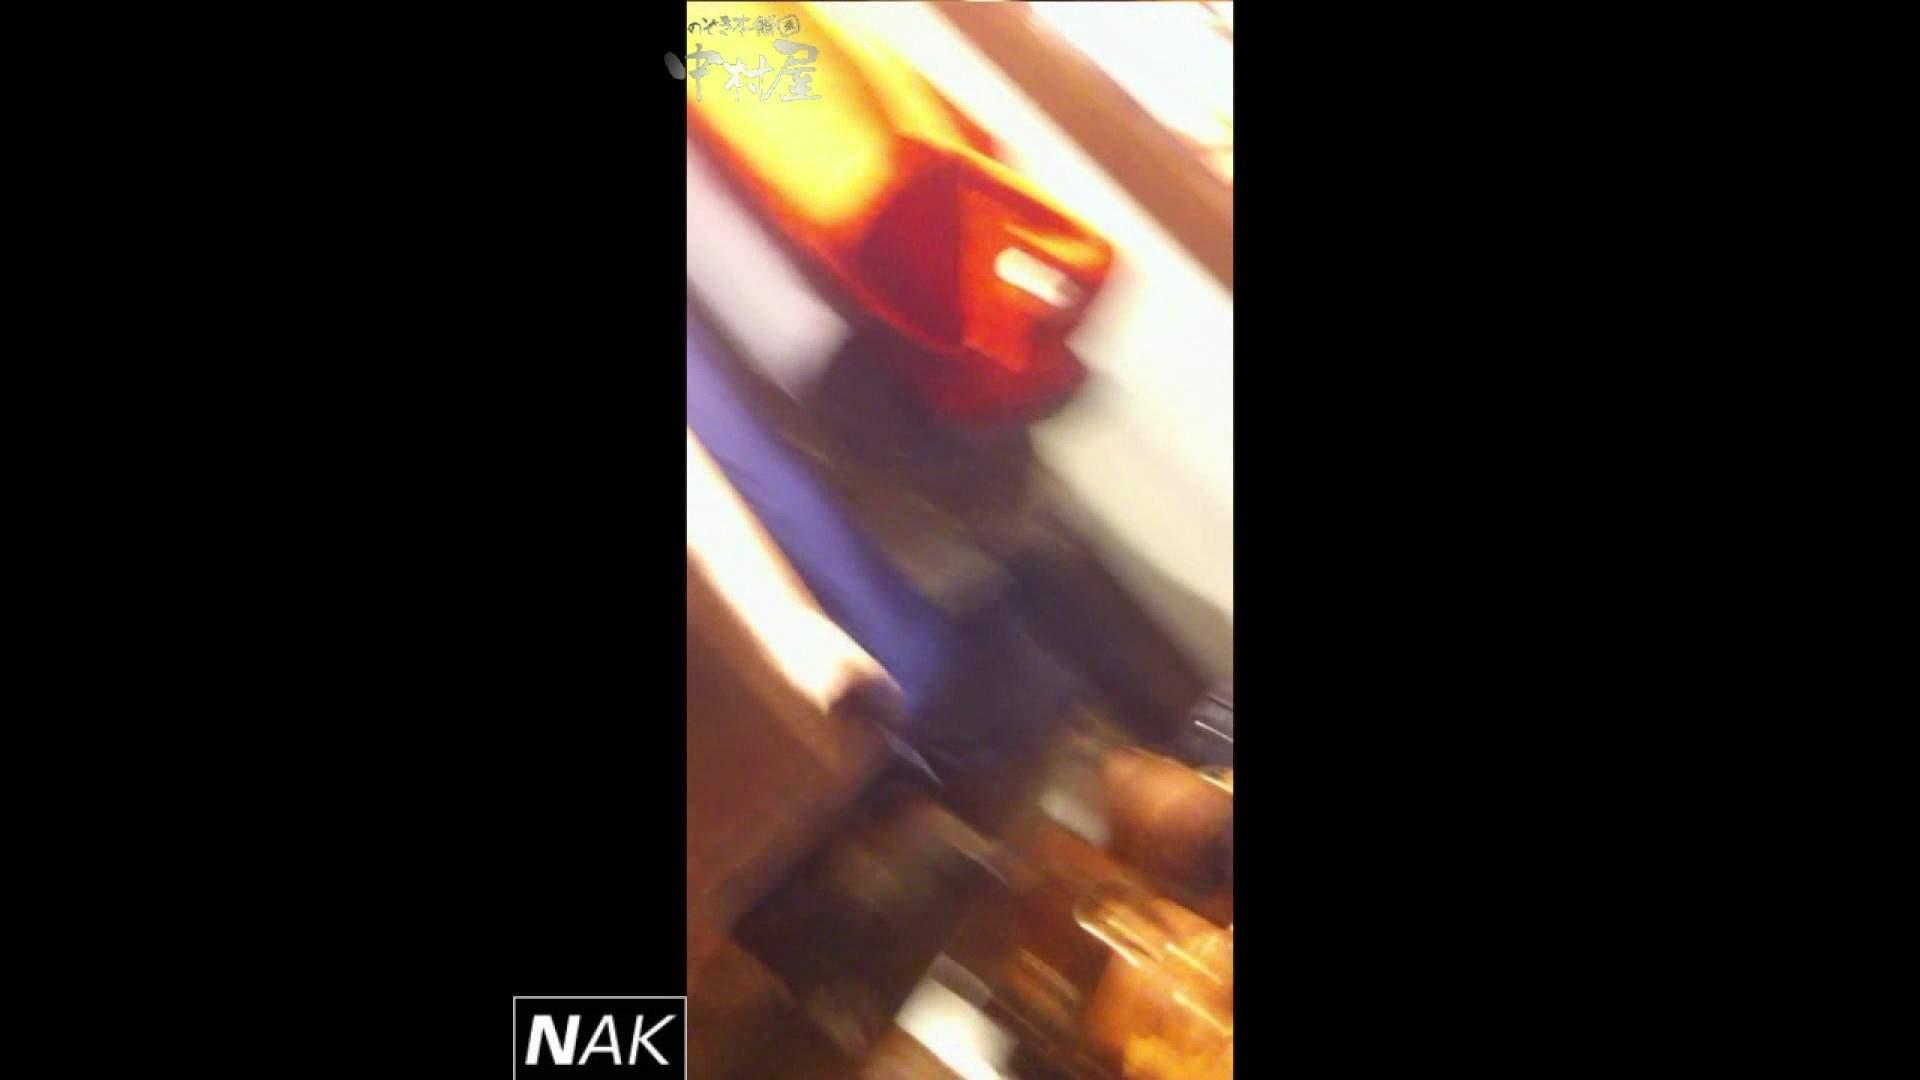 ハイビジョン盗撮!ショップ店員千人斬り!パンチラ編 vol.11 オマタ | 胸チラ  79画像 34